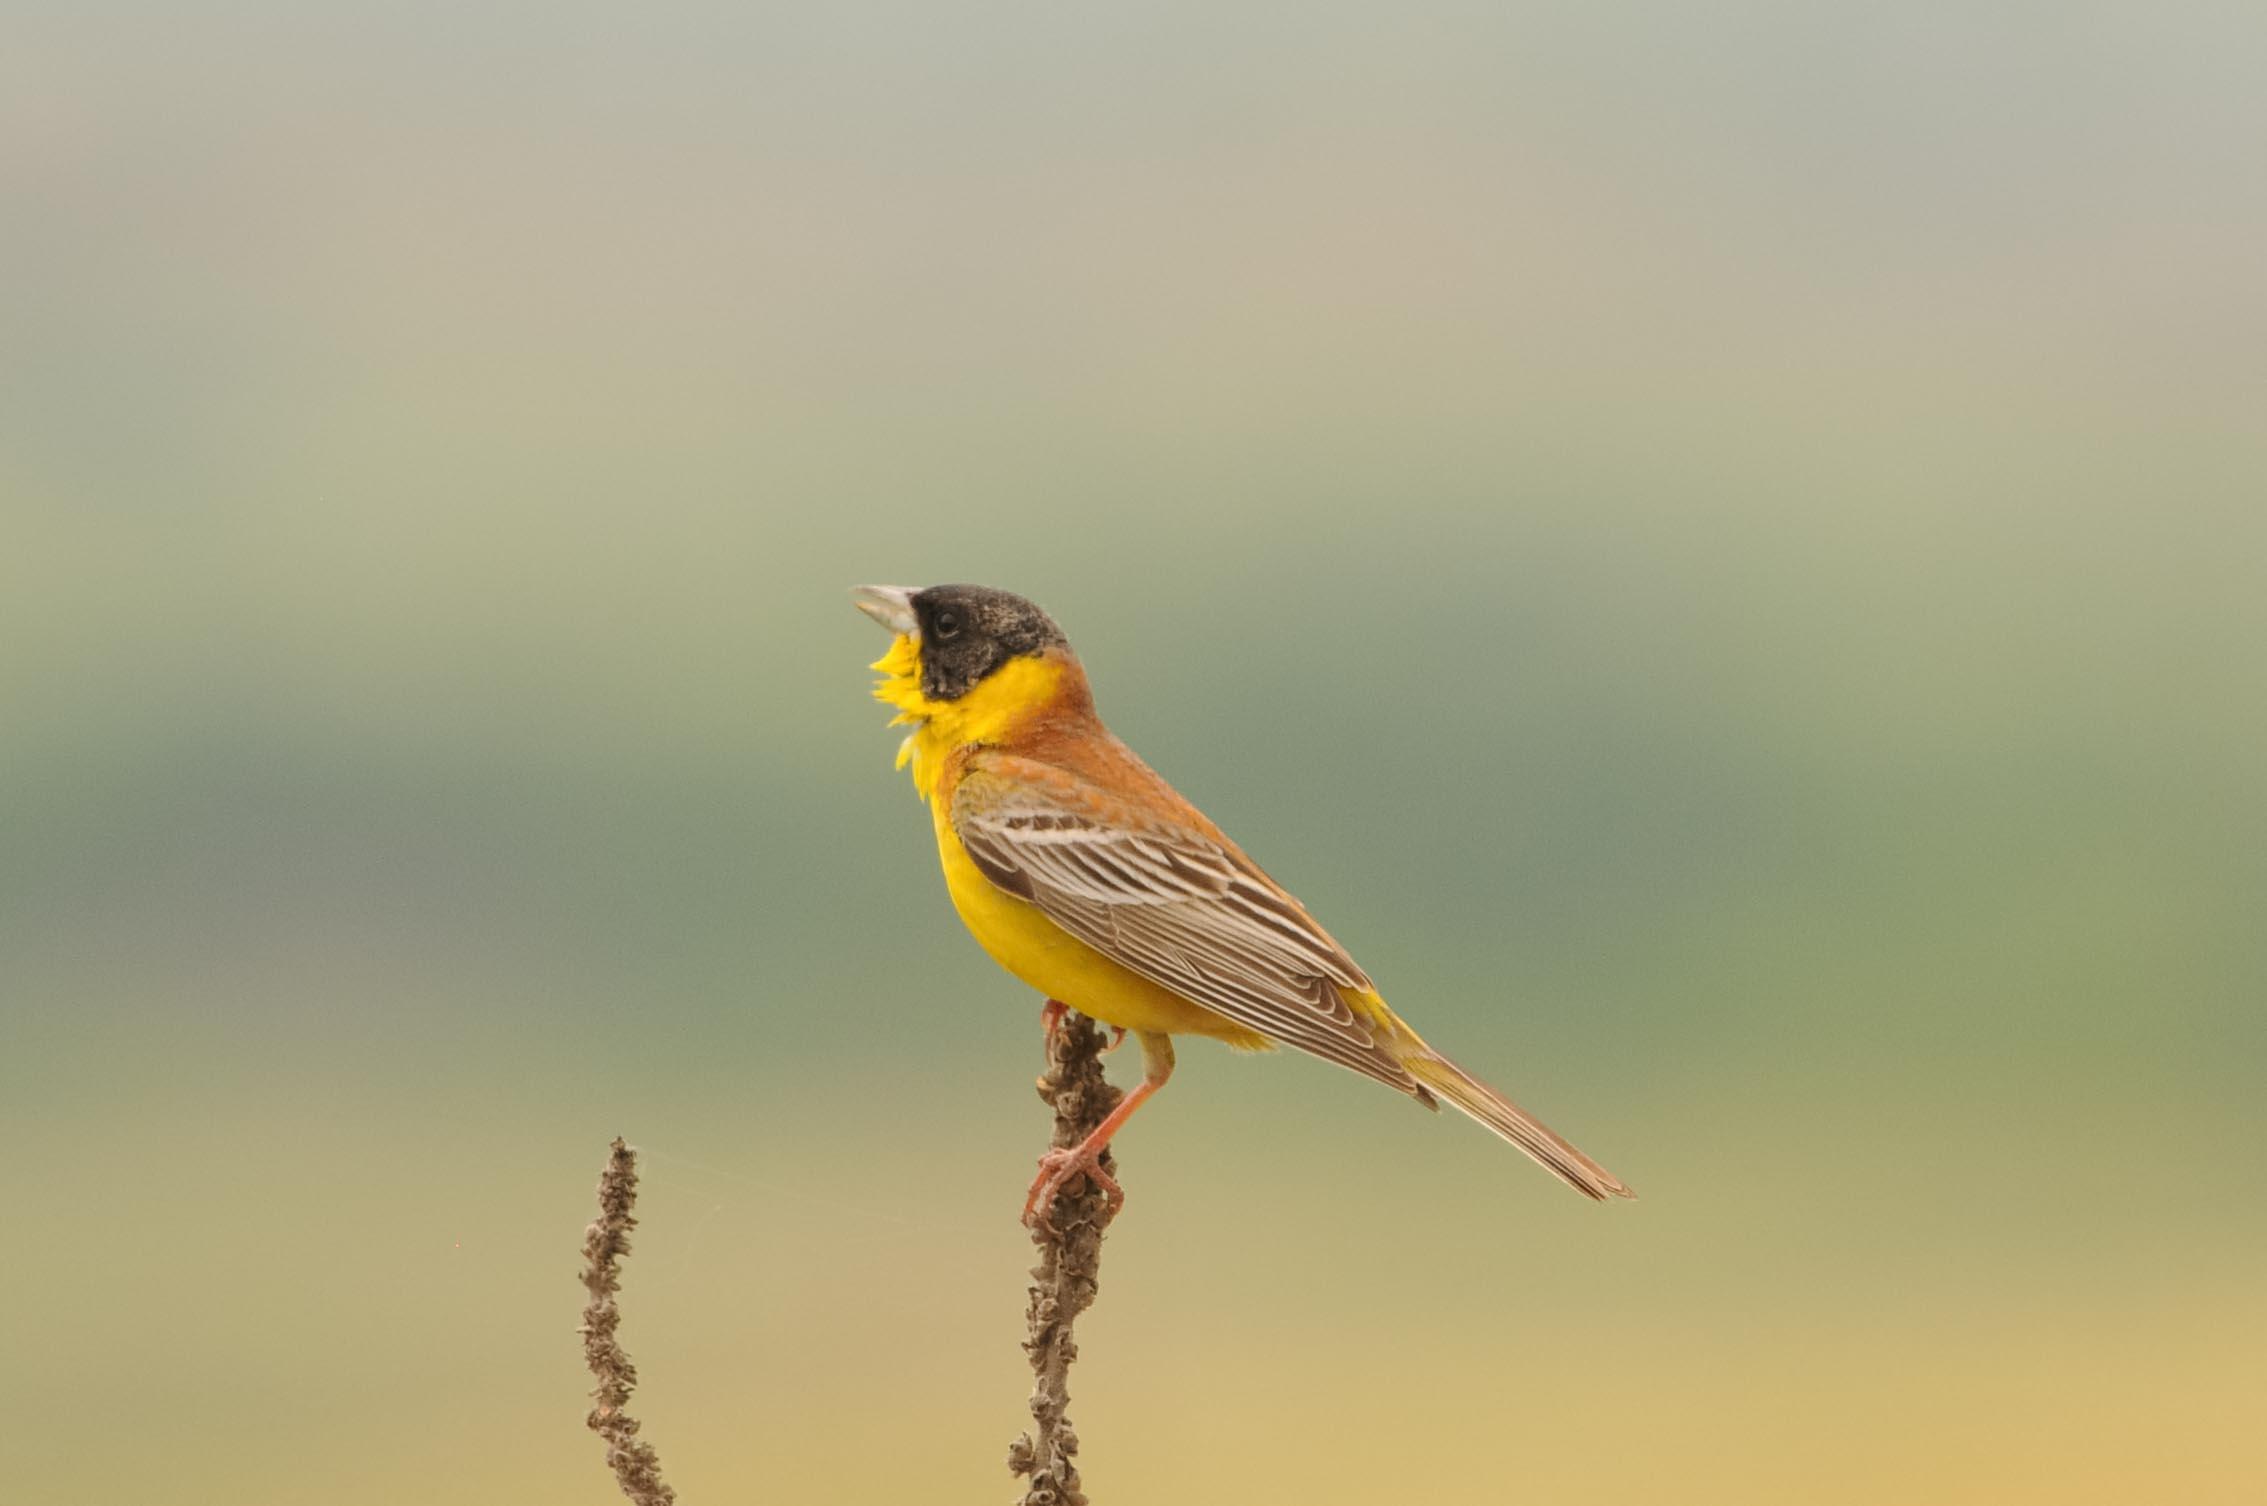 Birdwatching tours in Bulgaria